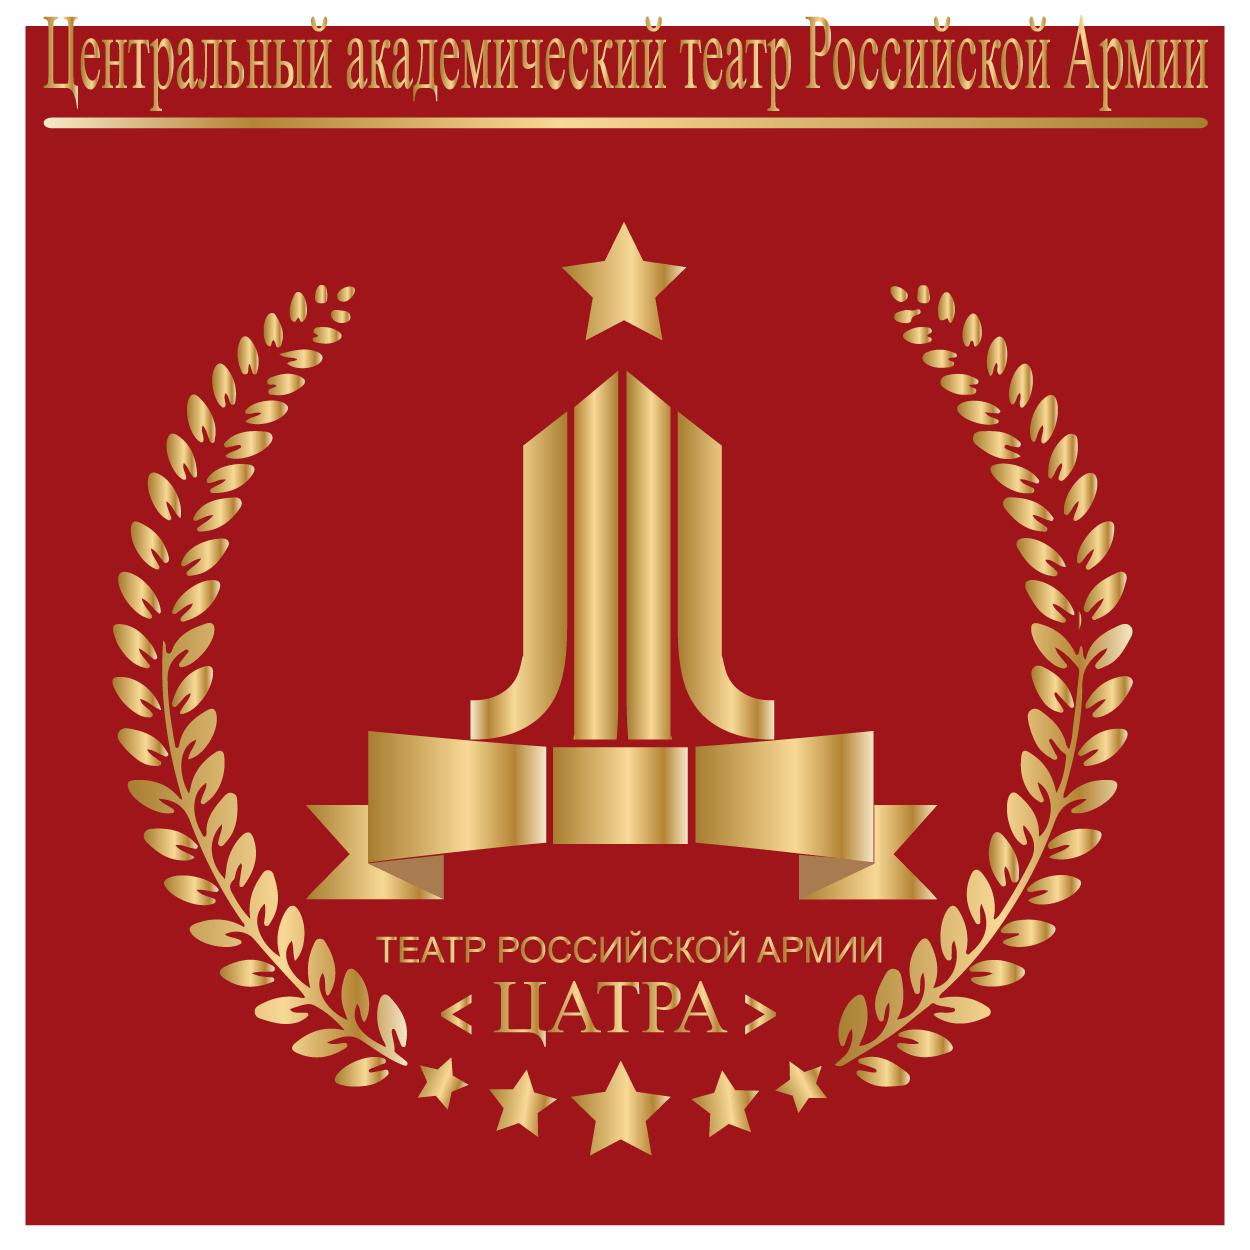 Разработка логотипа для Театра Российской Армии фото f_7505887281165004.jpg